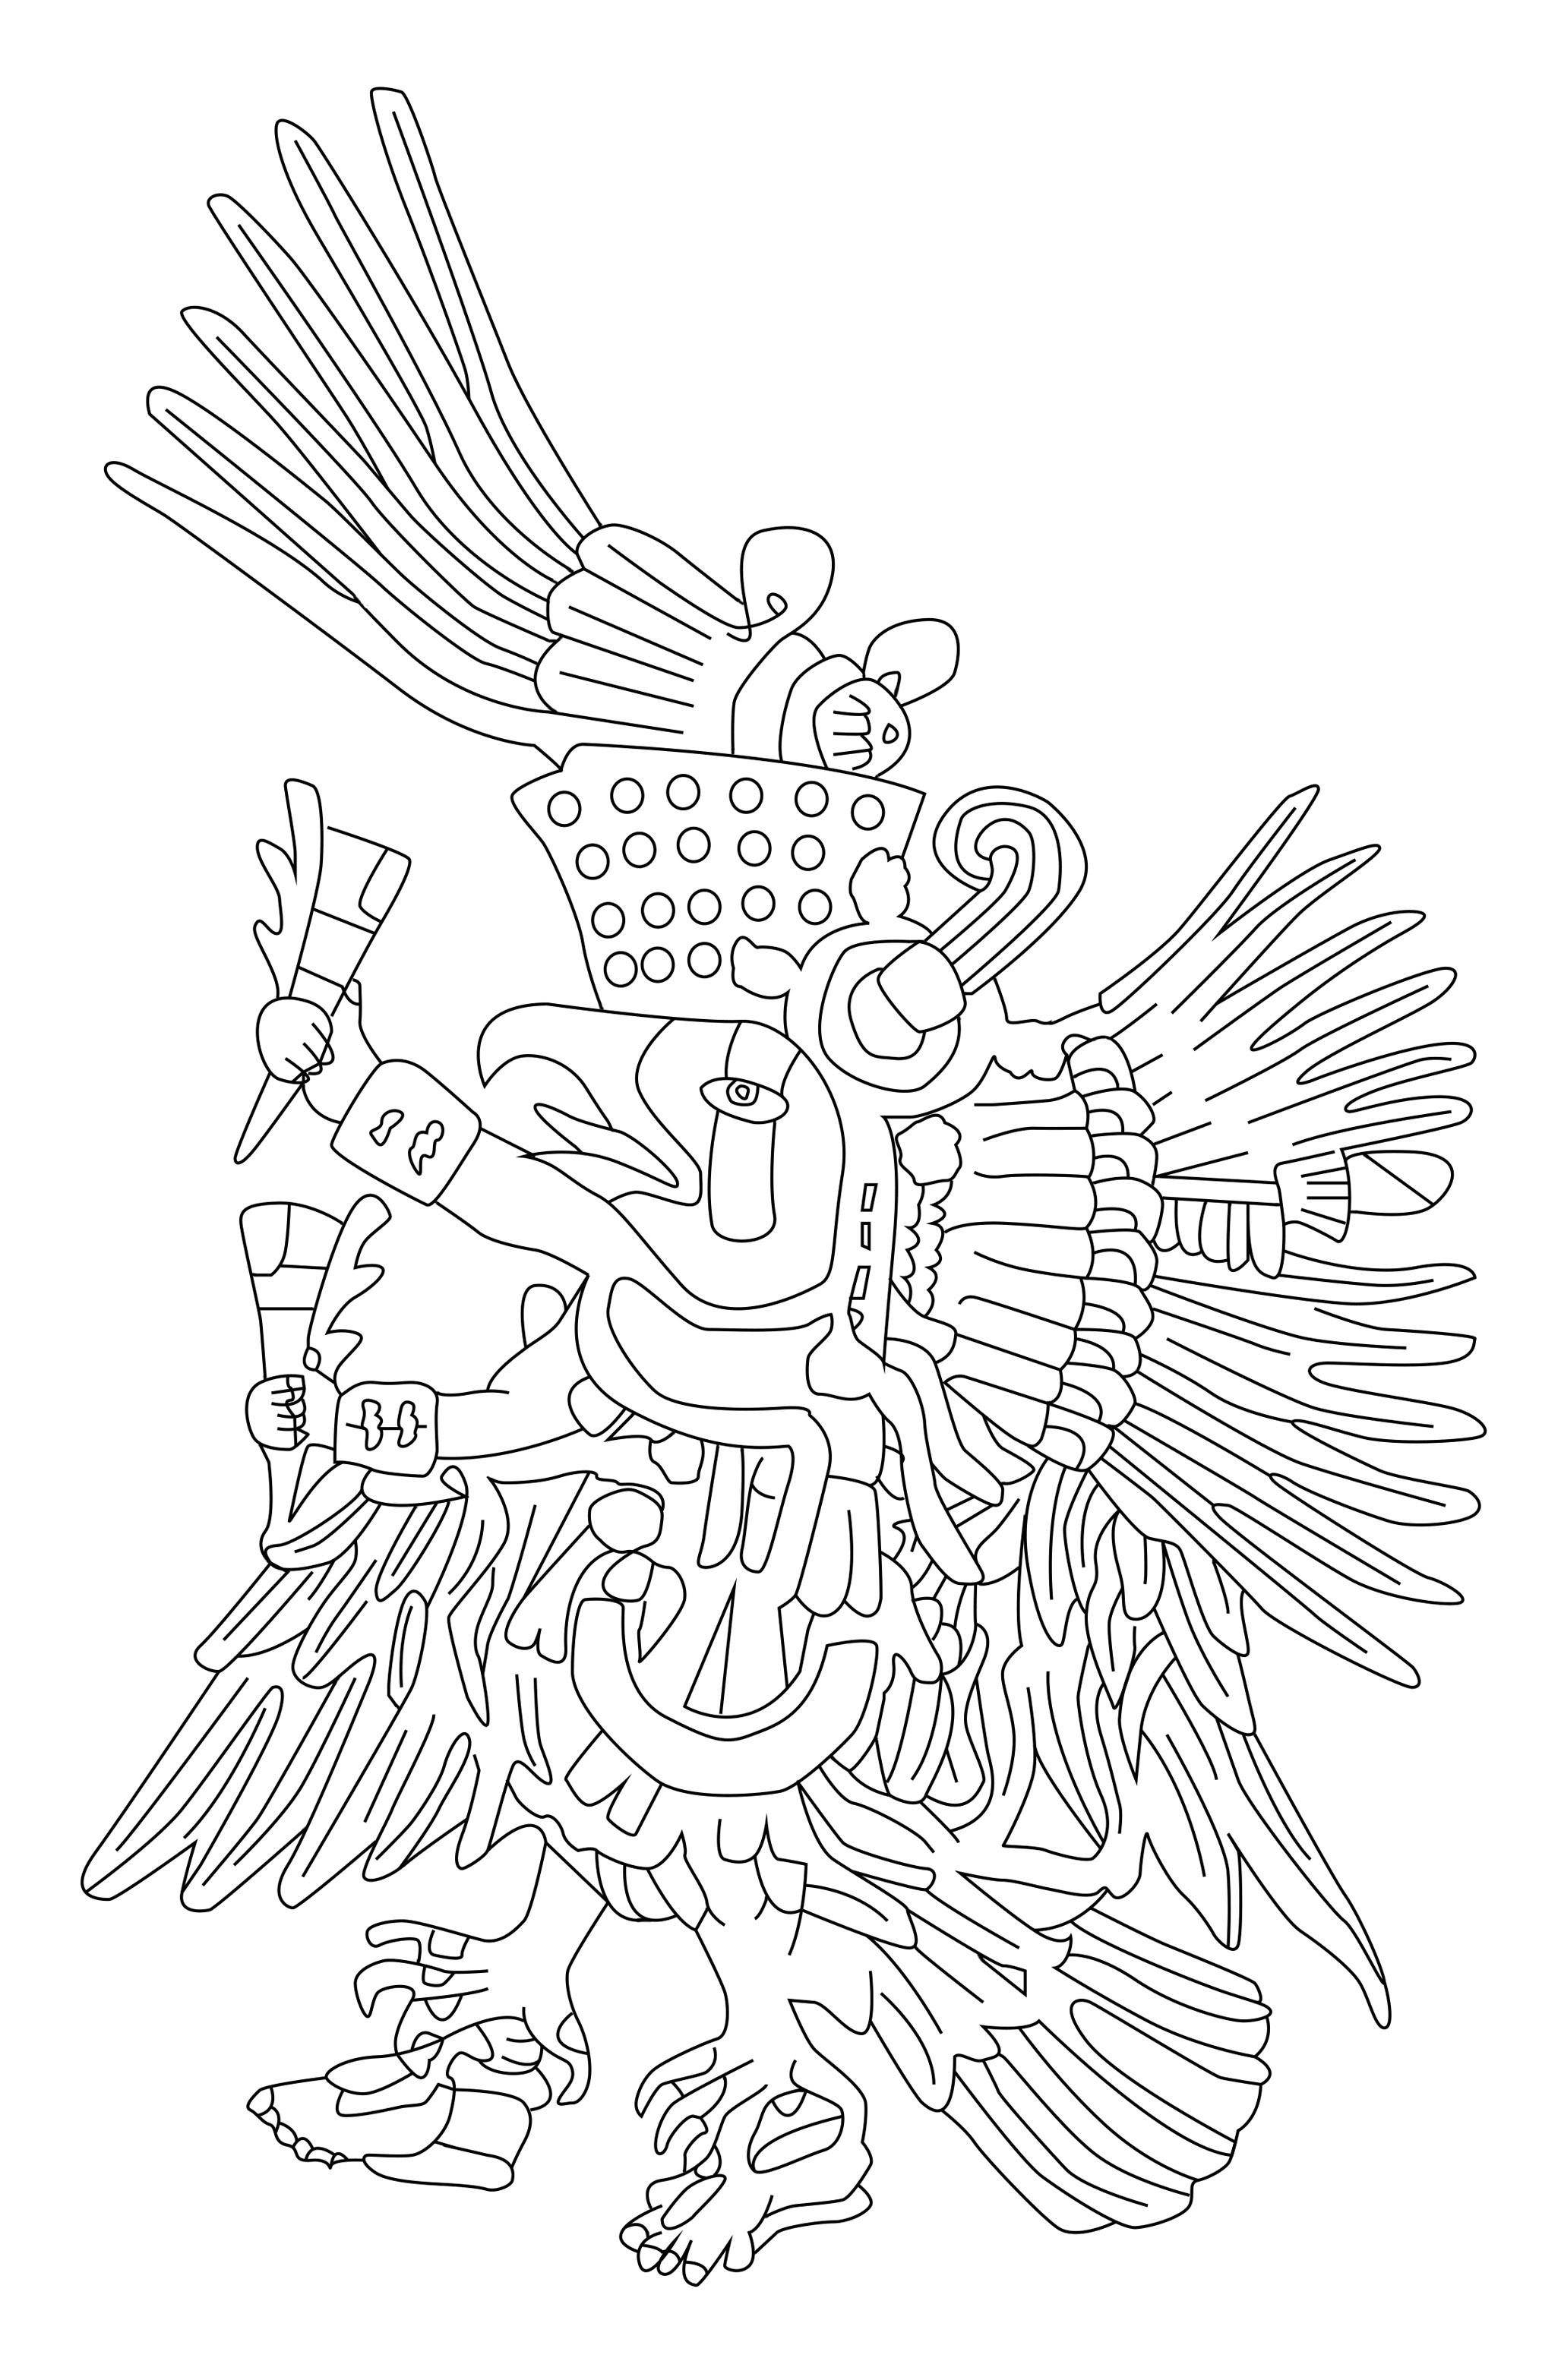 Quetzalcoatl est le nom donné, dans le centre du Mexique, à l'une des incarnations du serpent à plumes, qui était une des principales divinités pan-mésoaméricaines. Colorez-le !